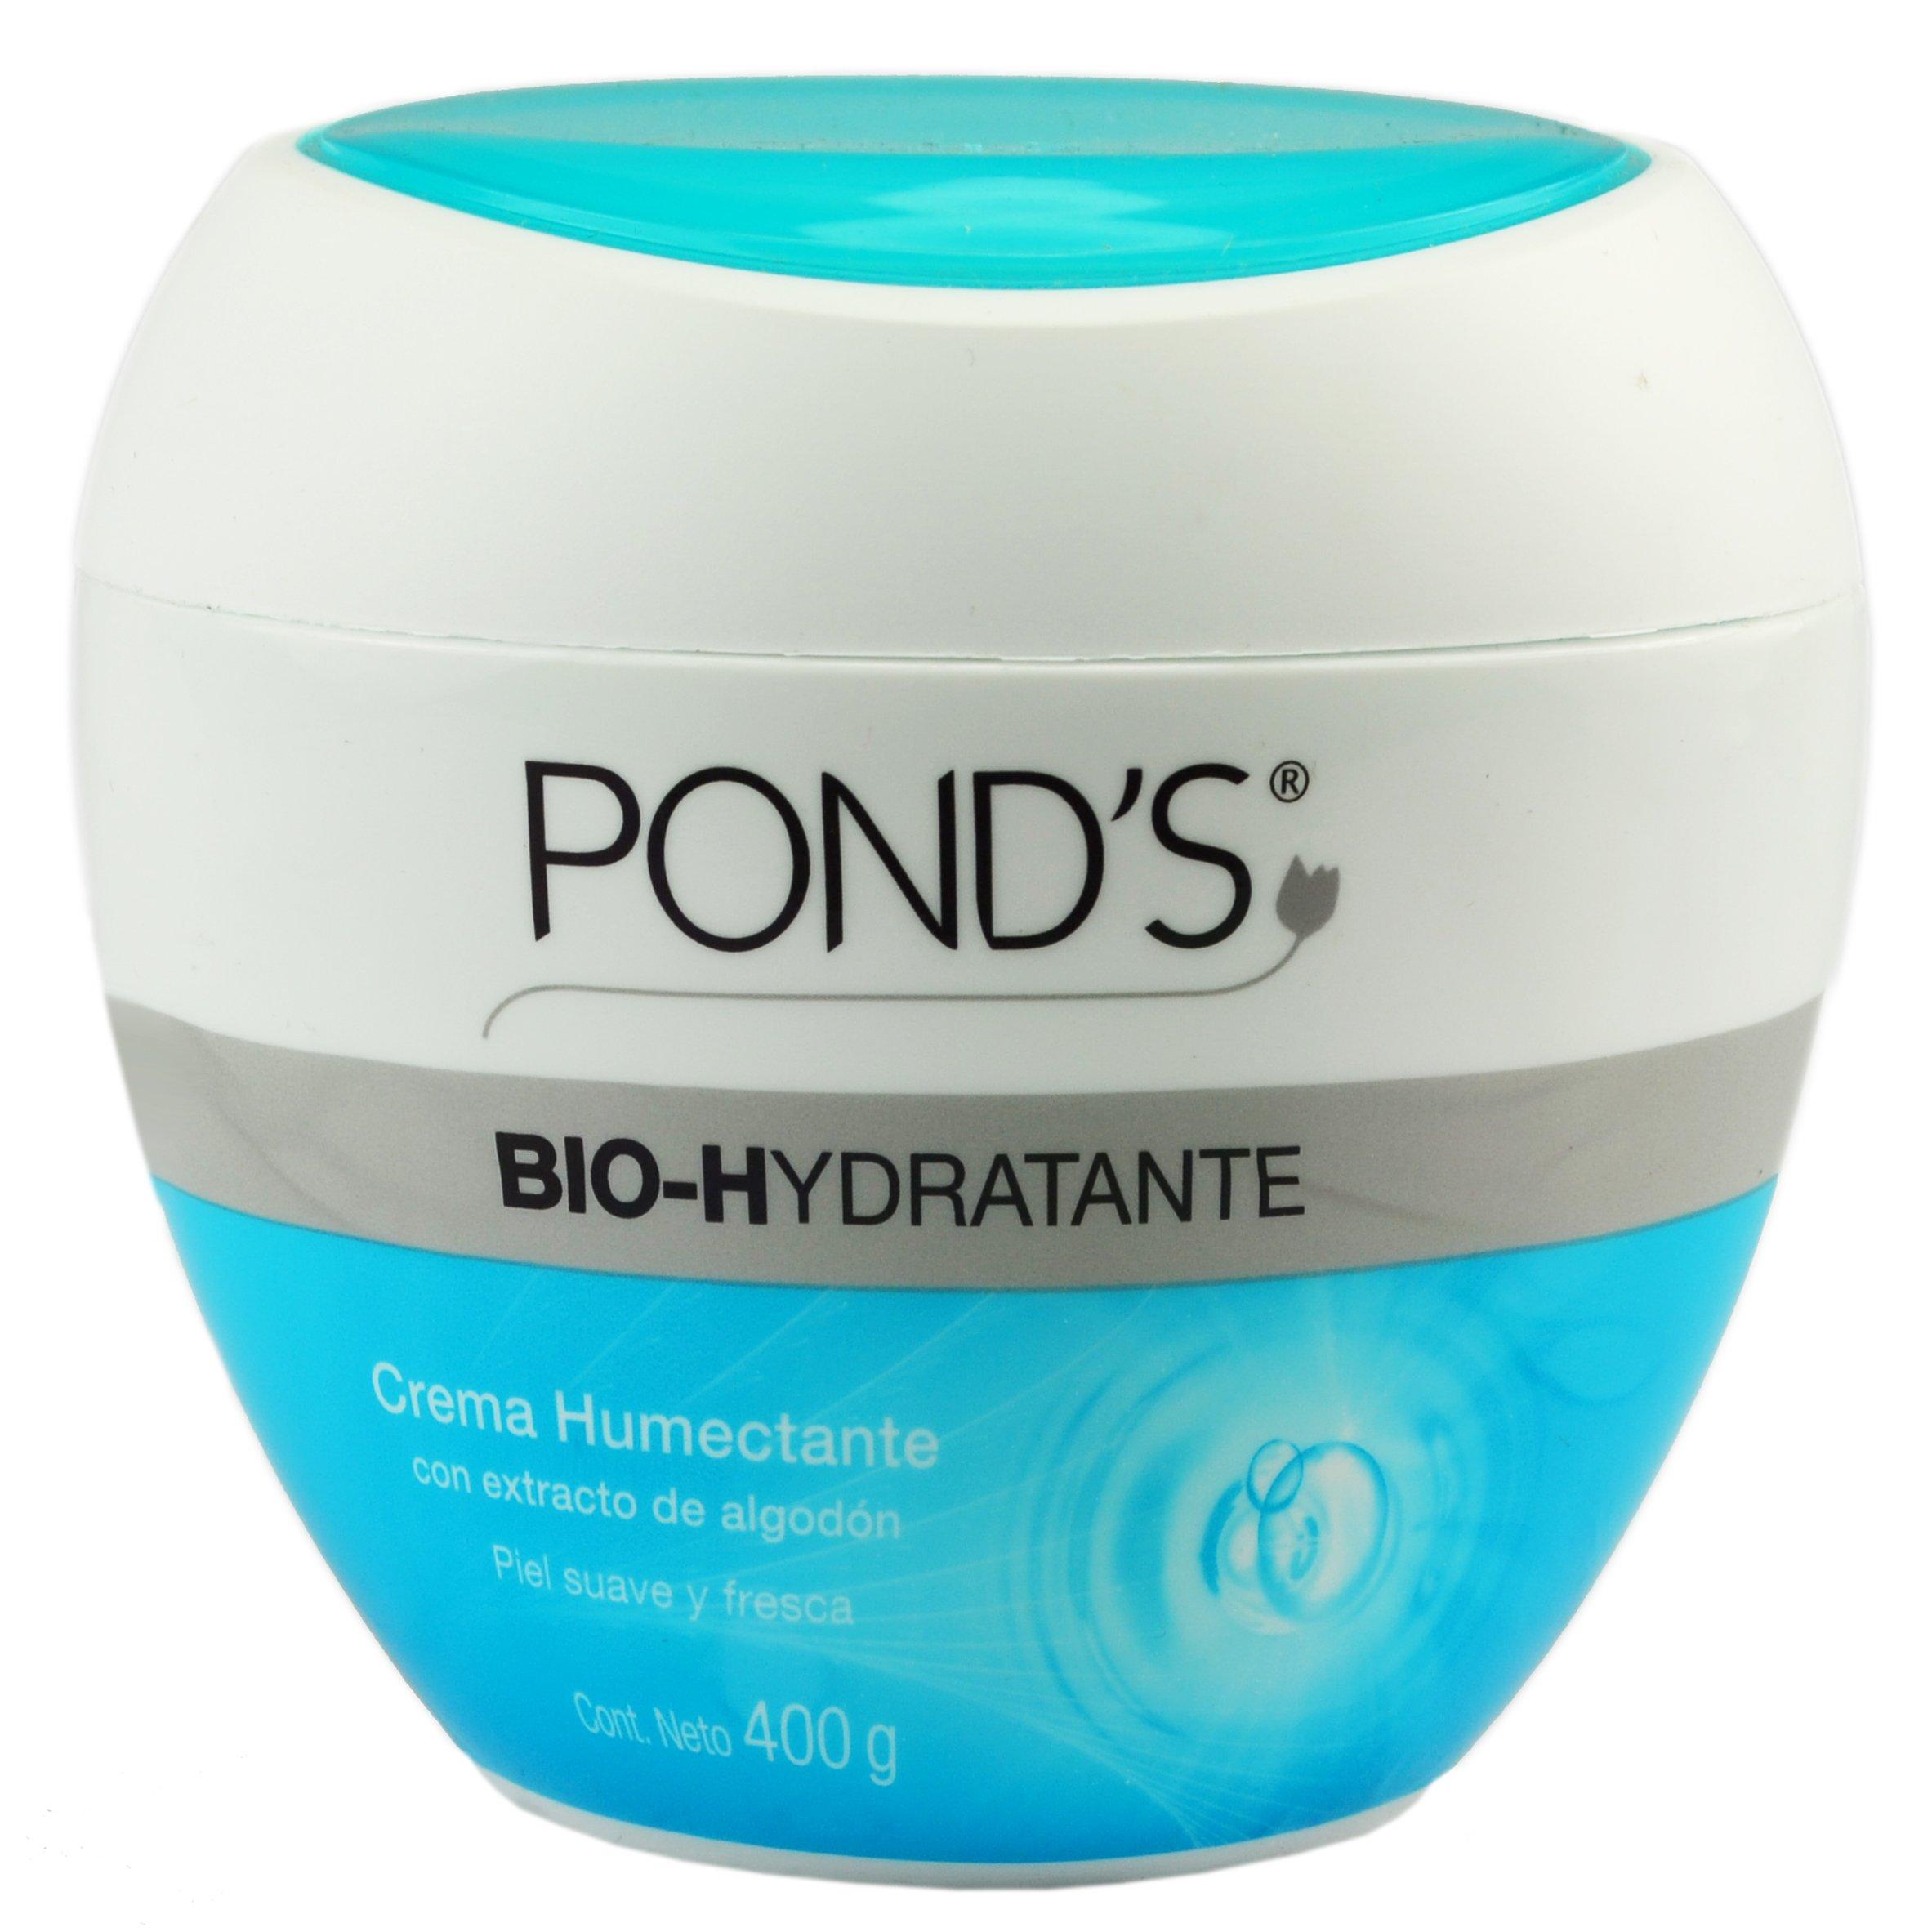 Pond's Bio-Hydratante Hydrating Cream 400g by Pond's